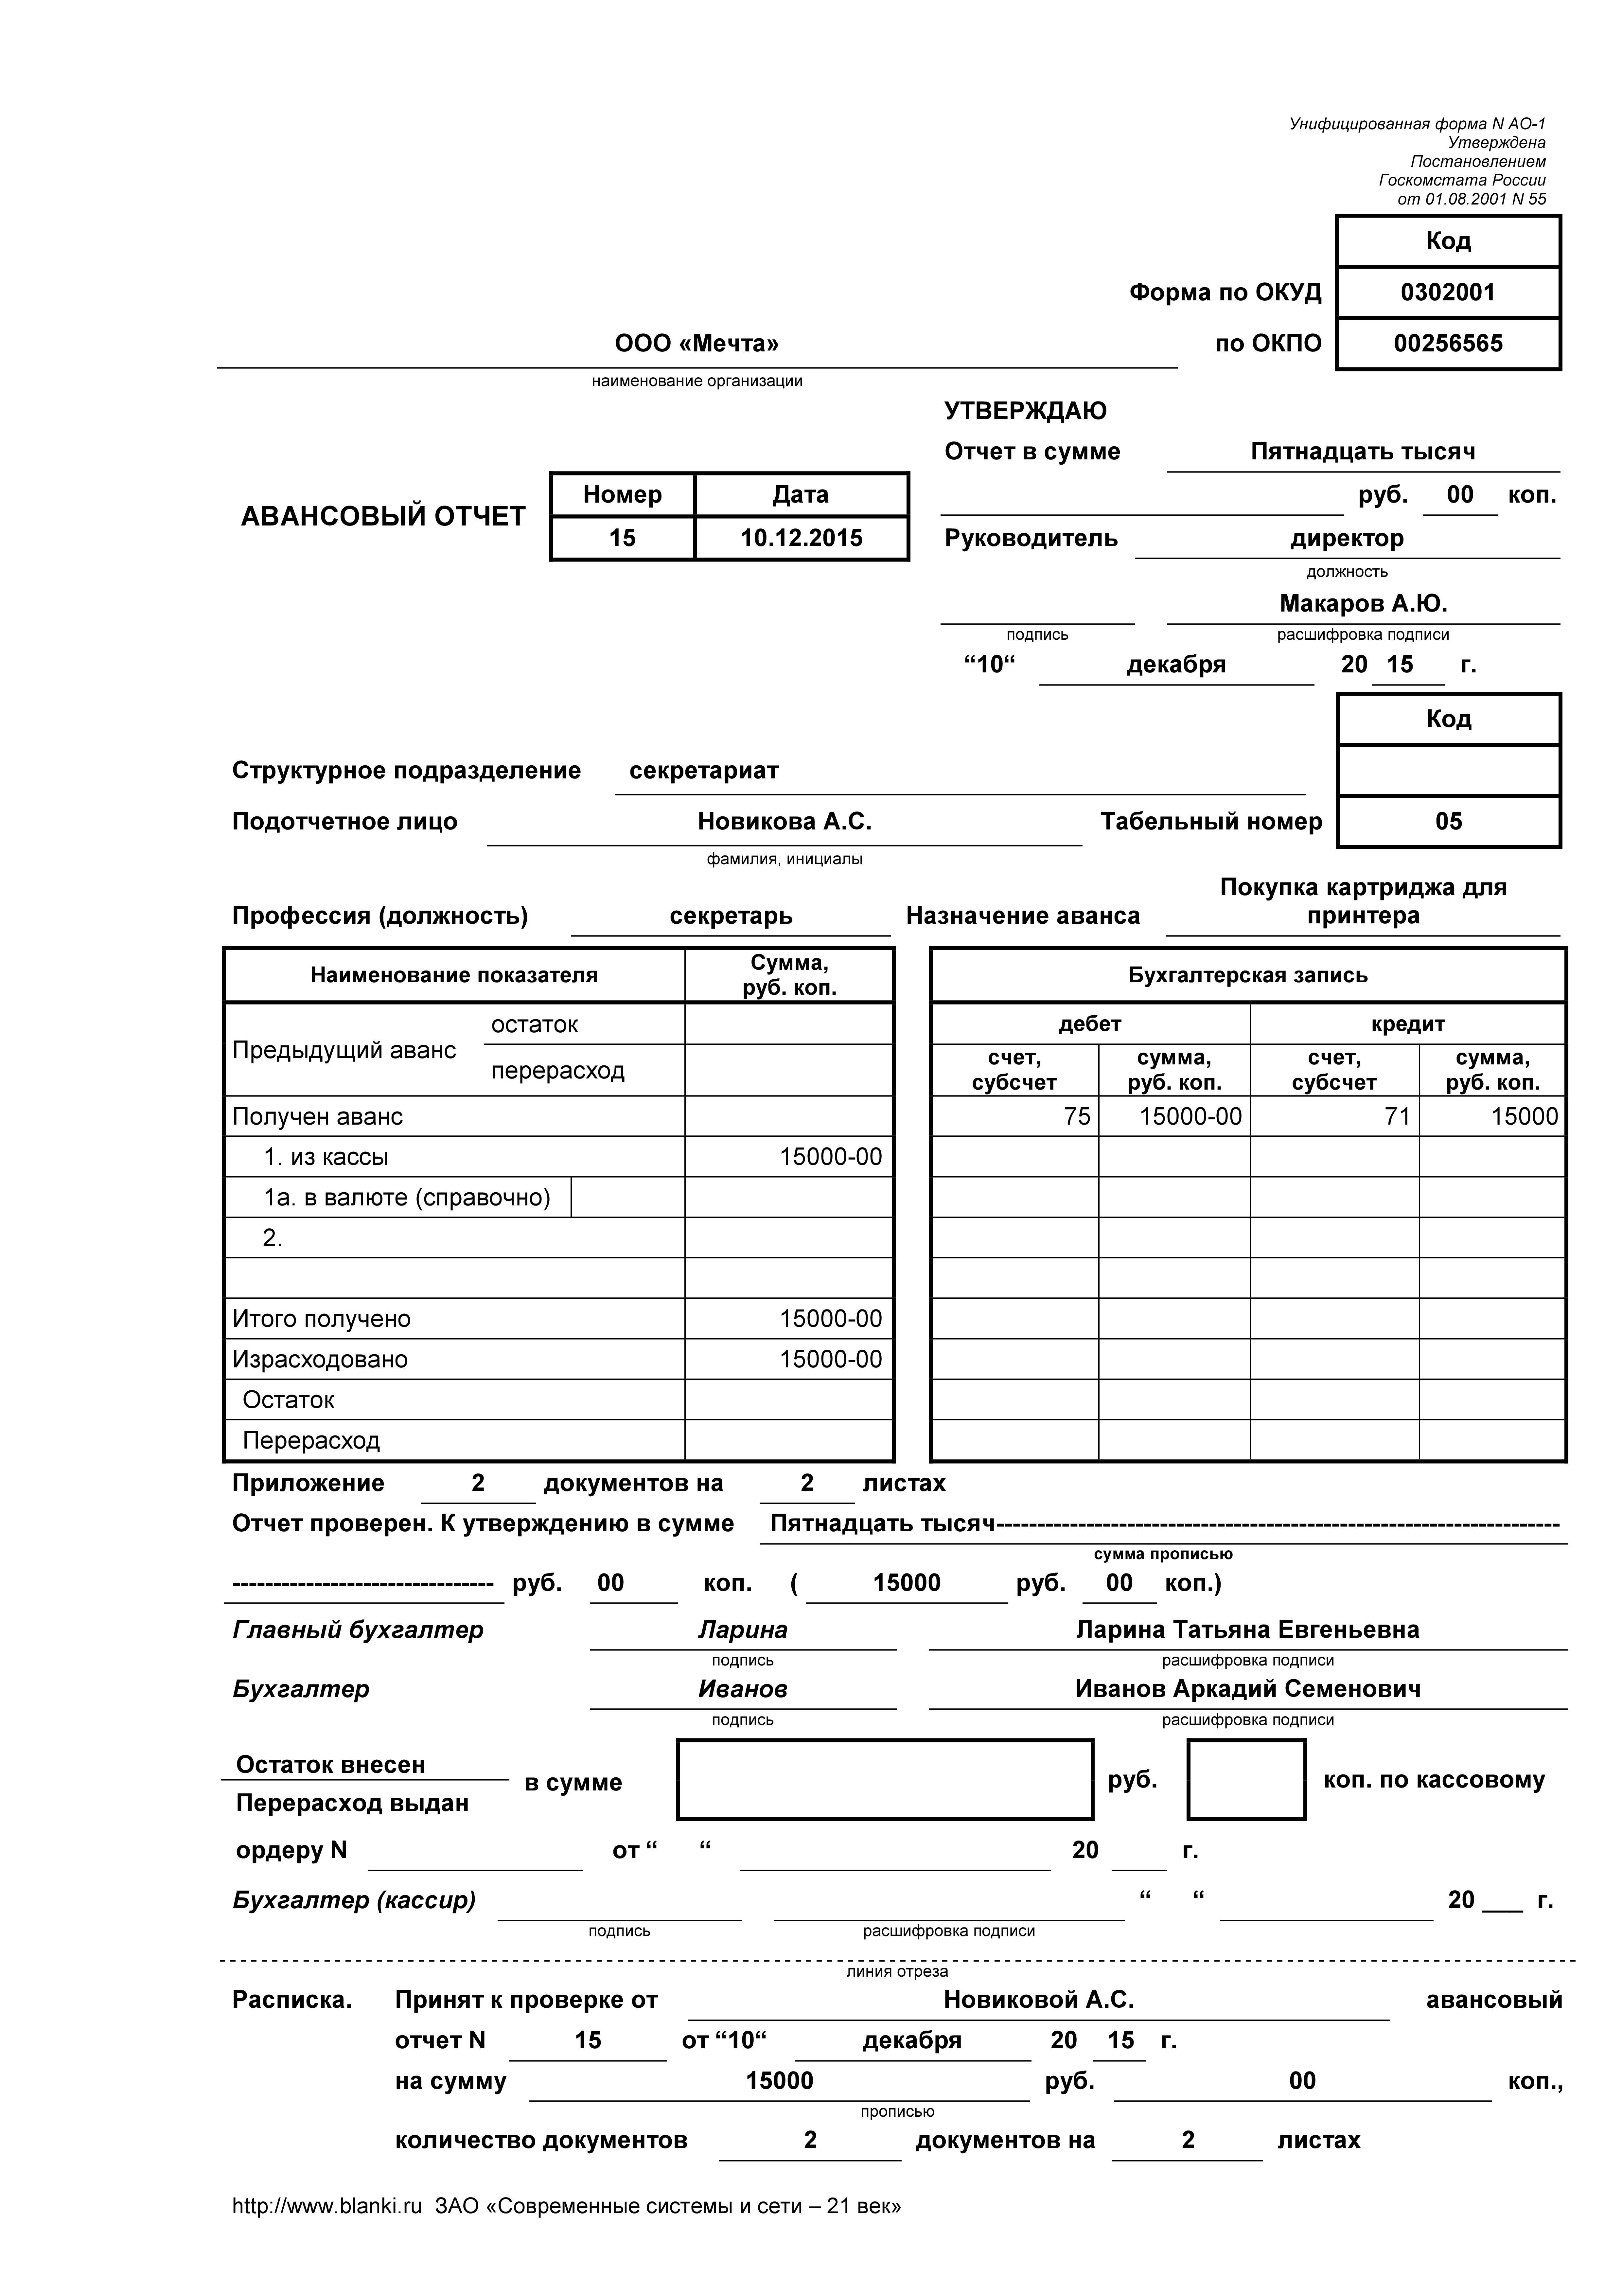 Унифицированная форма № ао-1 — авансовый отчет (скачать) nalog.